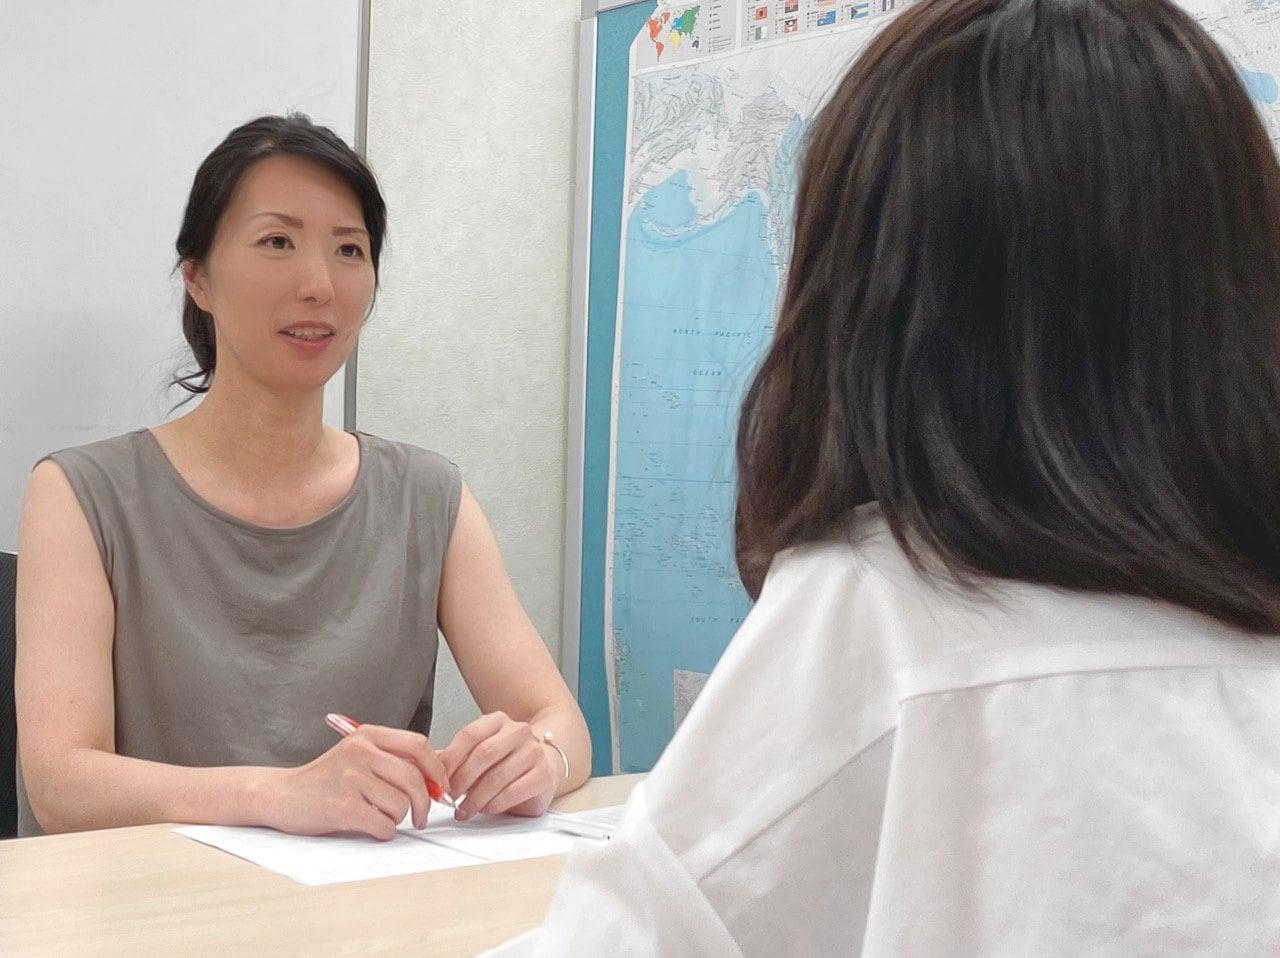 現役英語教員のための指導力アップ講座 オンライン「マンツーマンレッスン」4回チケットのイメージその1